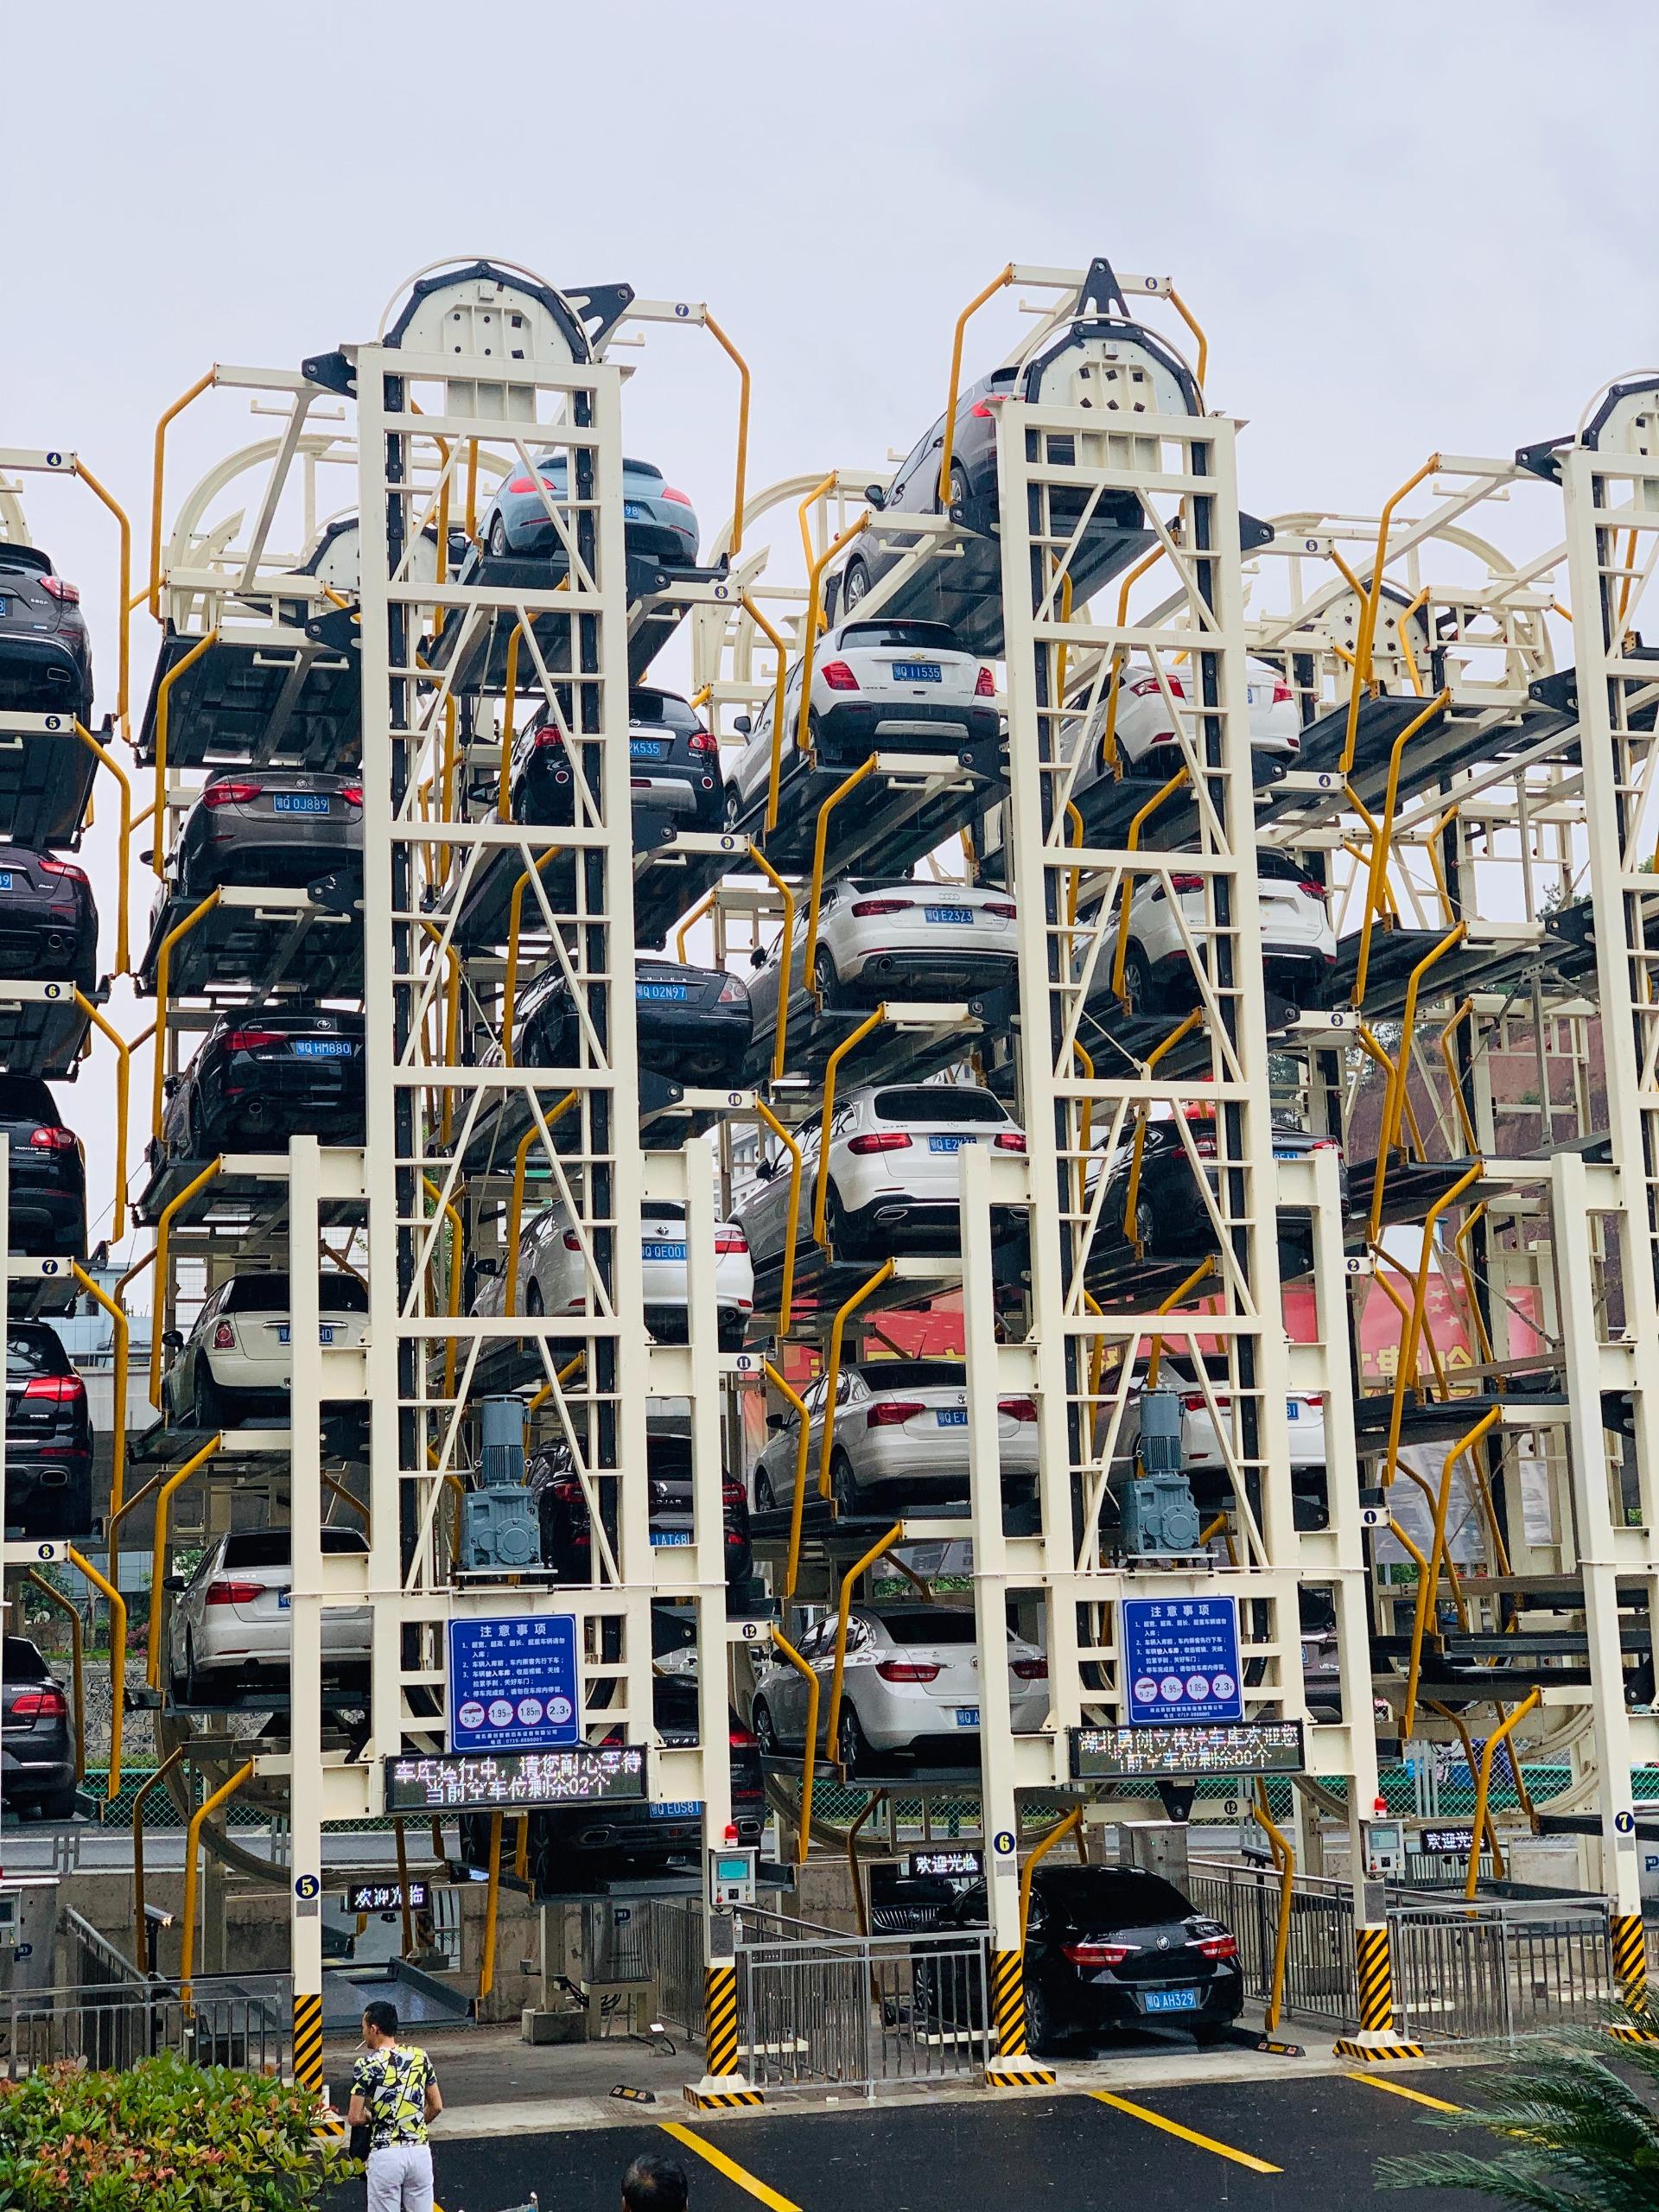 恩施市国土资源局垂直循环类立体停车设备